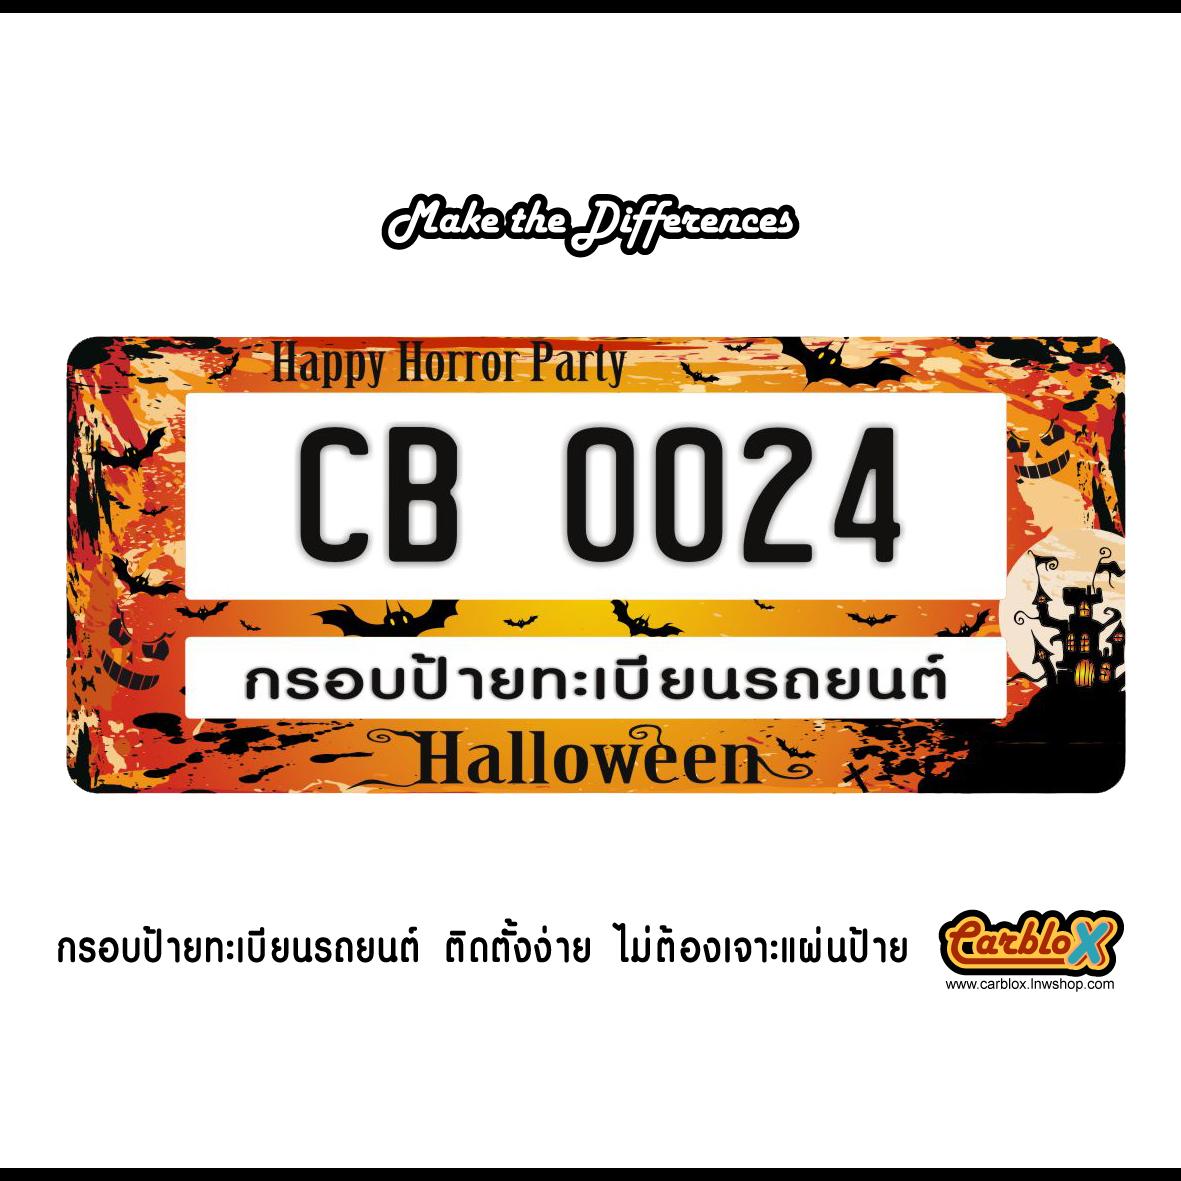 กรอบป้ายทะเบียนรถยนต์ CARBLOX ระหัส CB 0024 ลายลายแนวๆฮิ๊ป